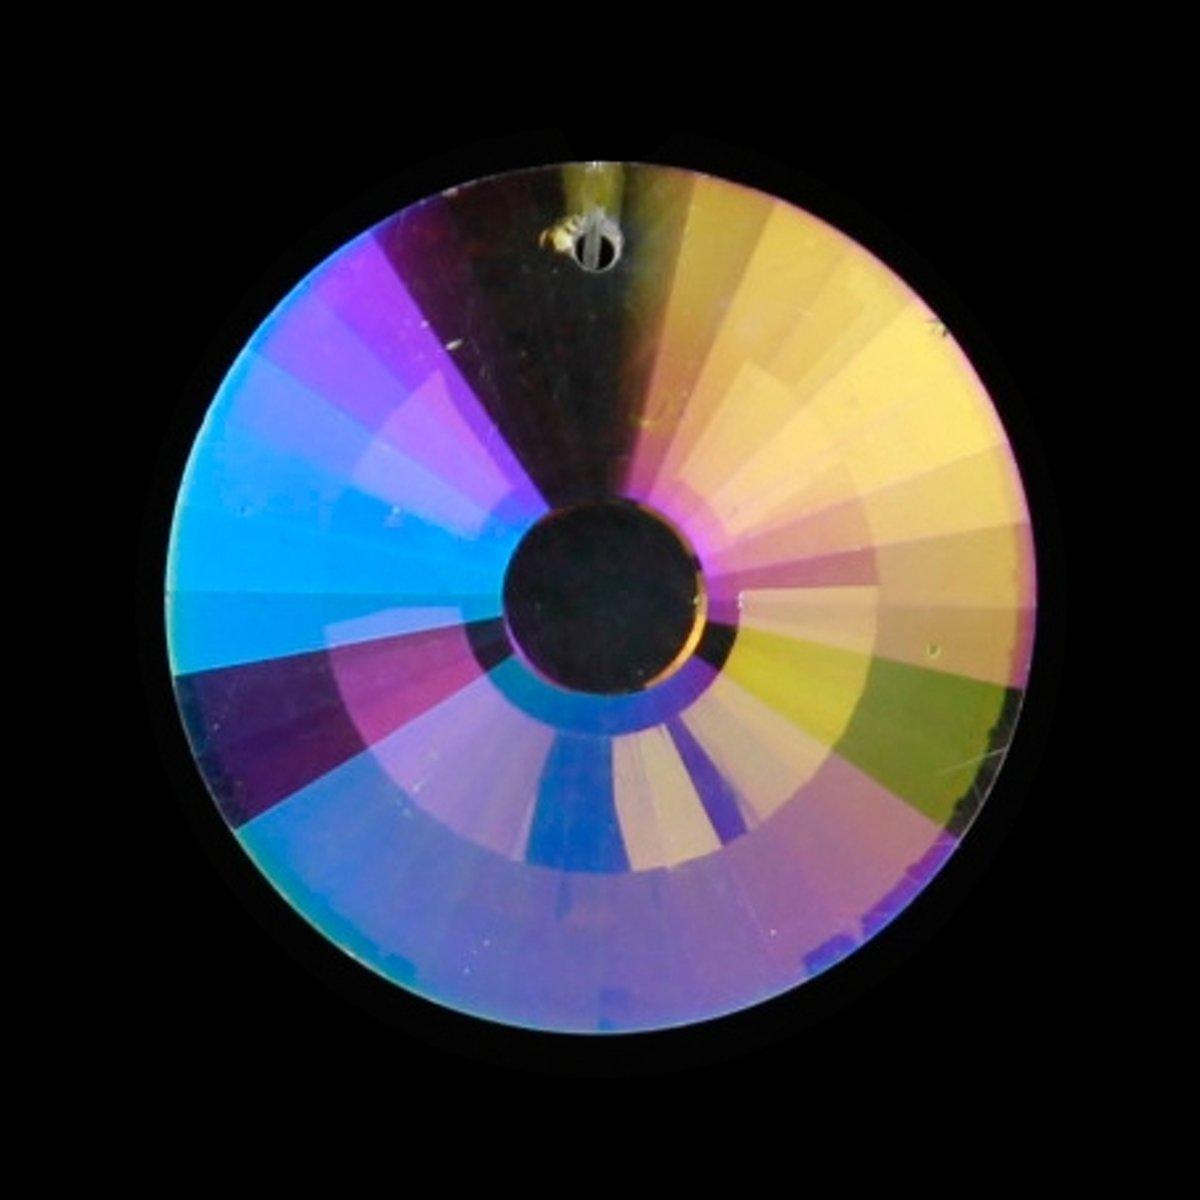 Regenboogkristal cirkel parelmoer AAA kwaliteit kopen